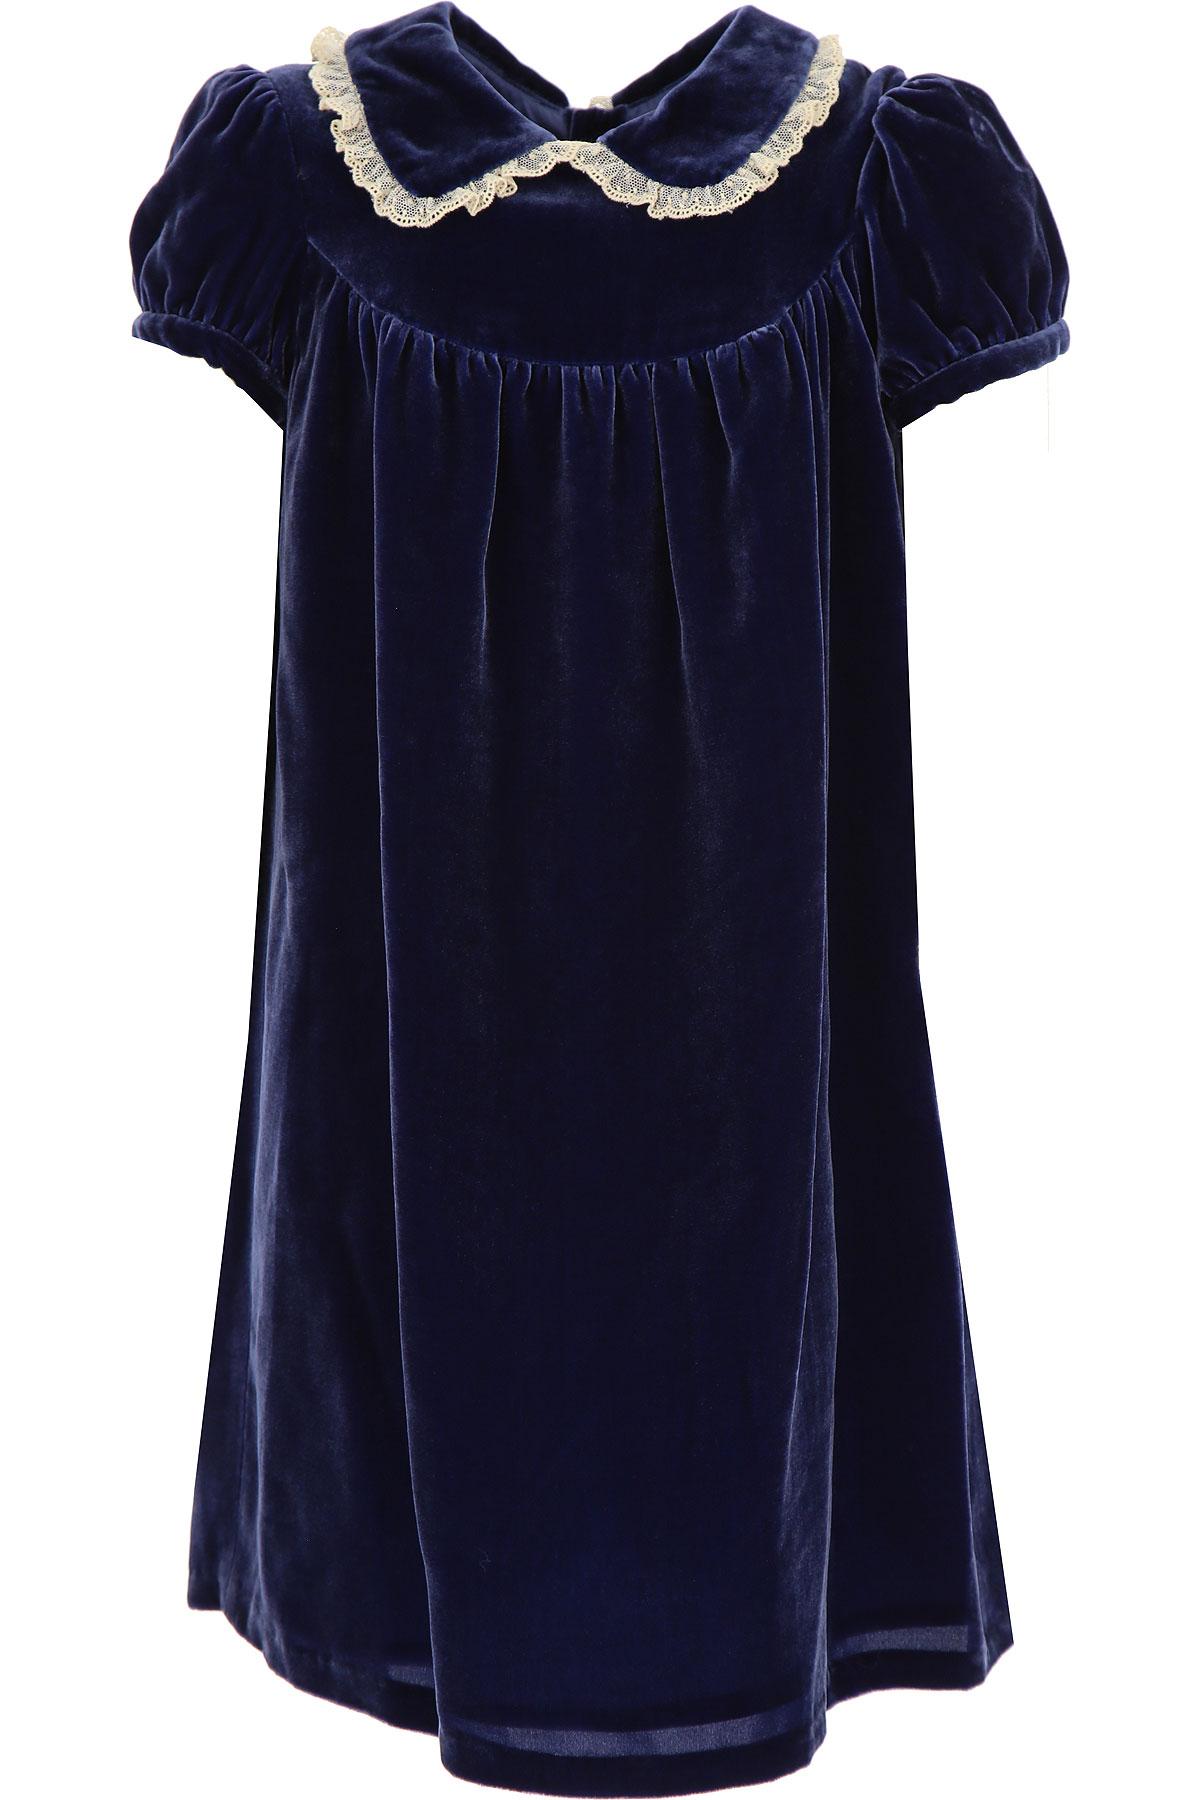 Bonpoint Girls Dress On Sale, Blue, Viscose, 2019, 10Y 4Y 6Y 8Y